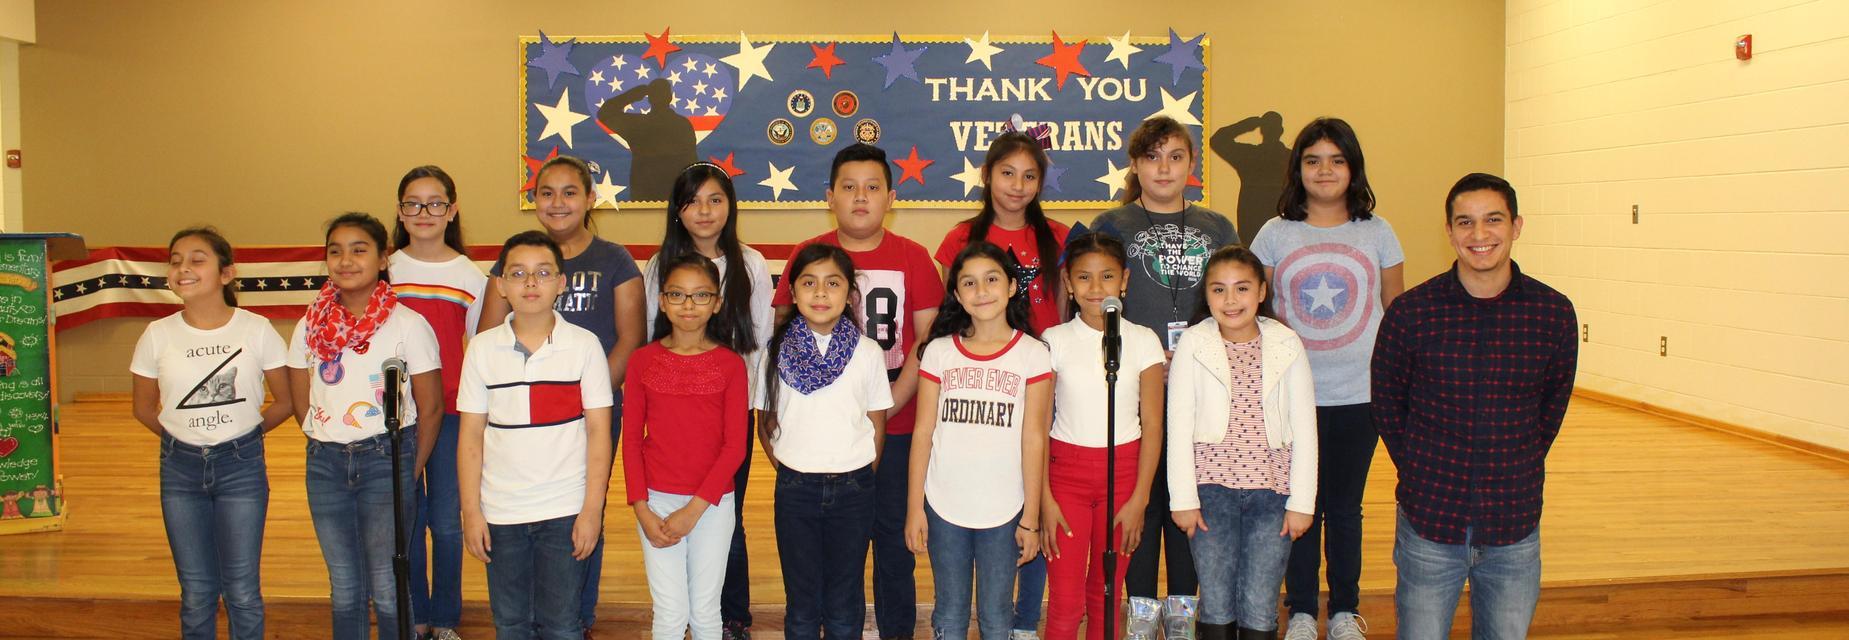 Mr. Gonzalez, music teacher, and the choir kids